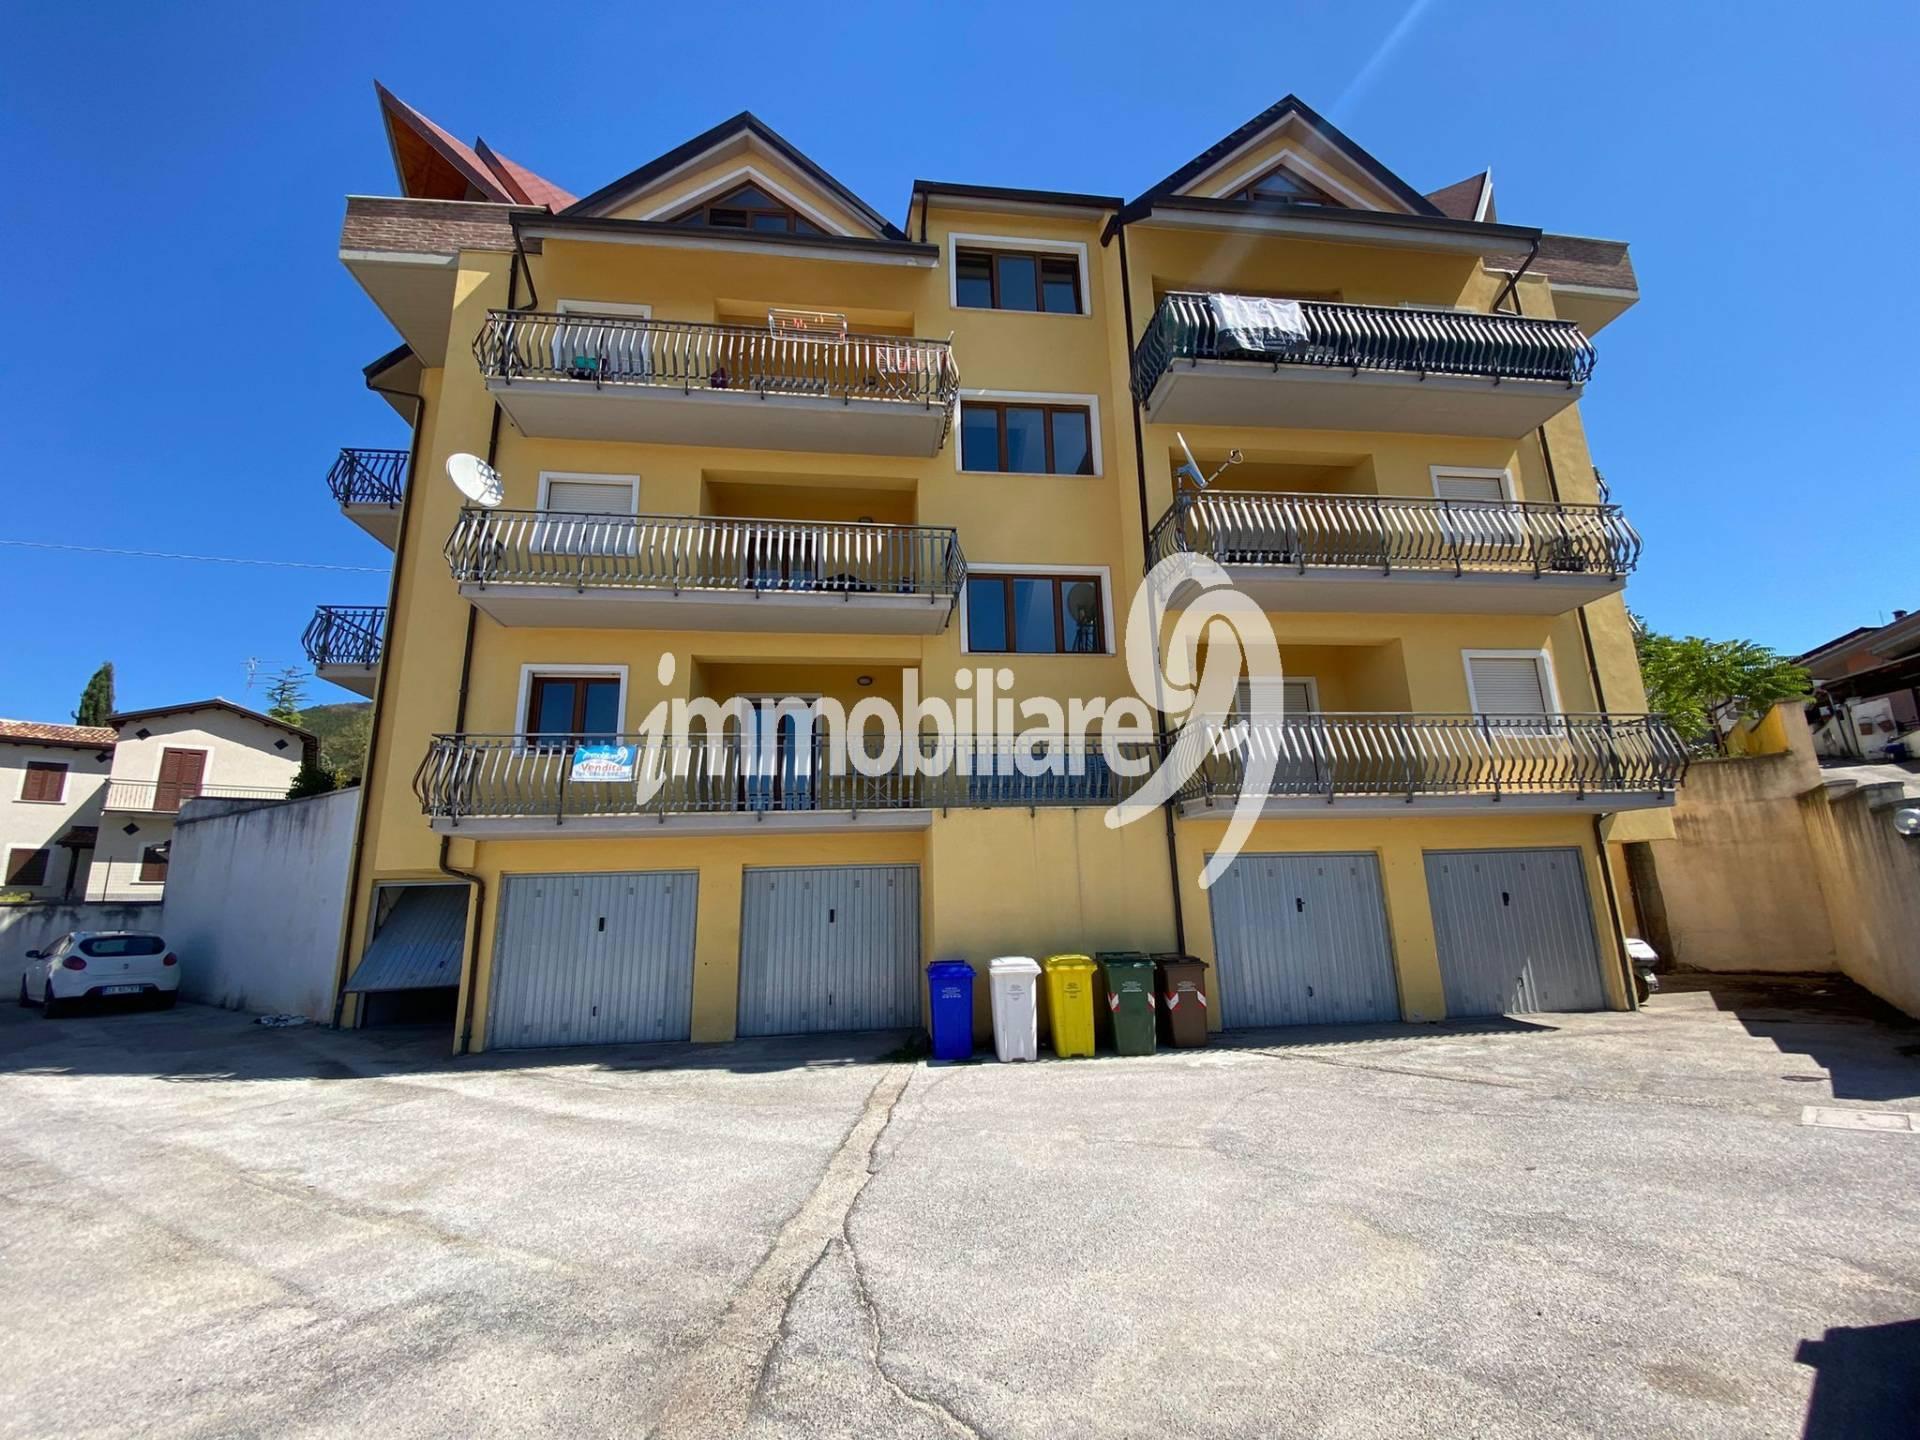 Appartamento in vendita a L'Aquila, 3 locali, zona atessa, prezzo € 87.000 | PortaleAgenzieImmobiliari.it